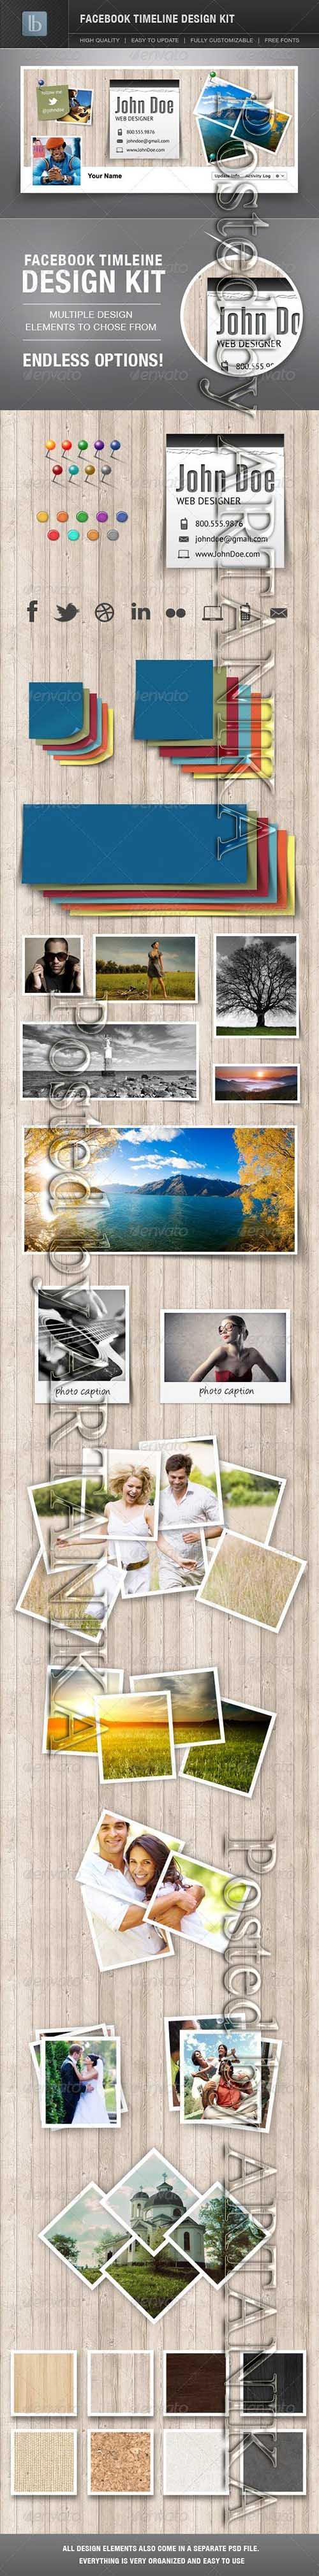 Facebook Timeline Cover Design Kit 2230170